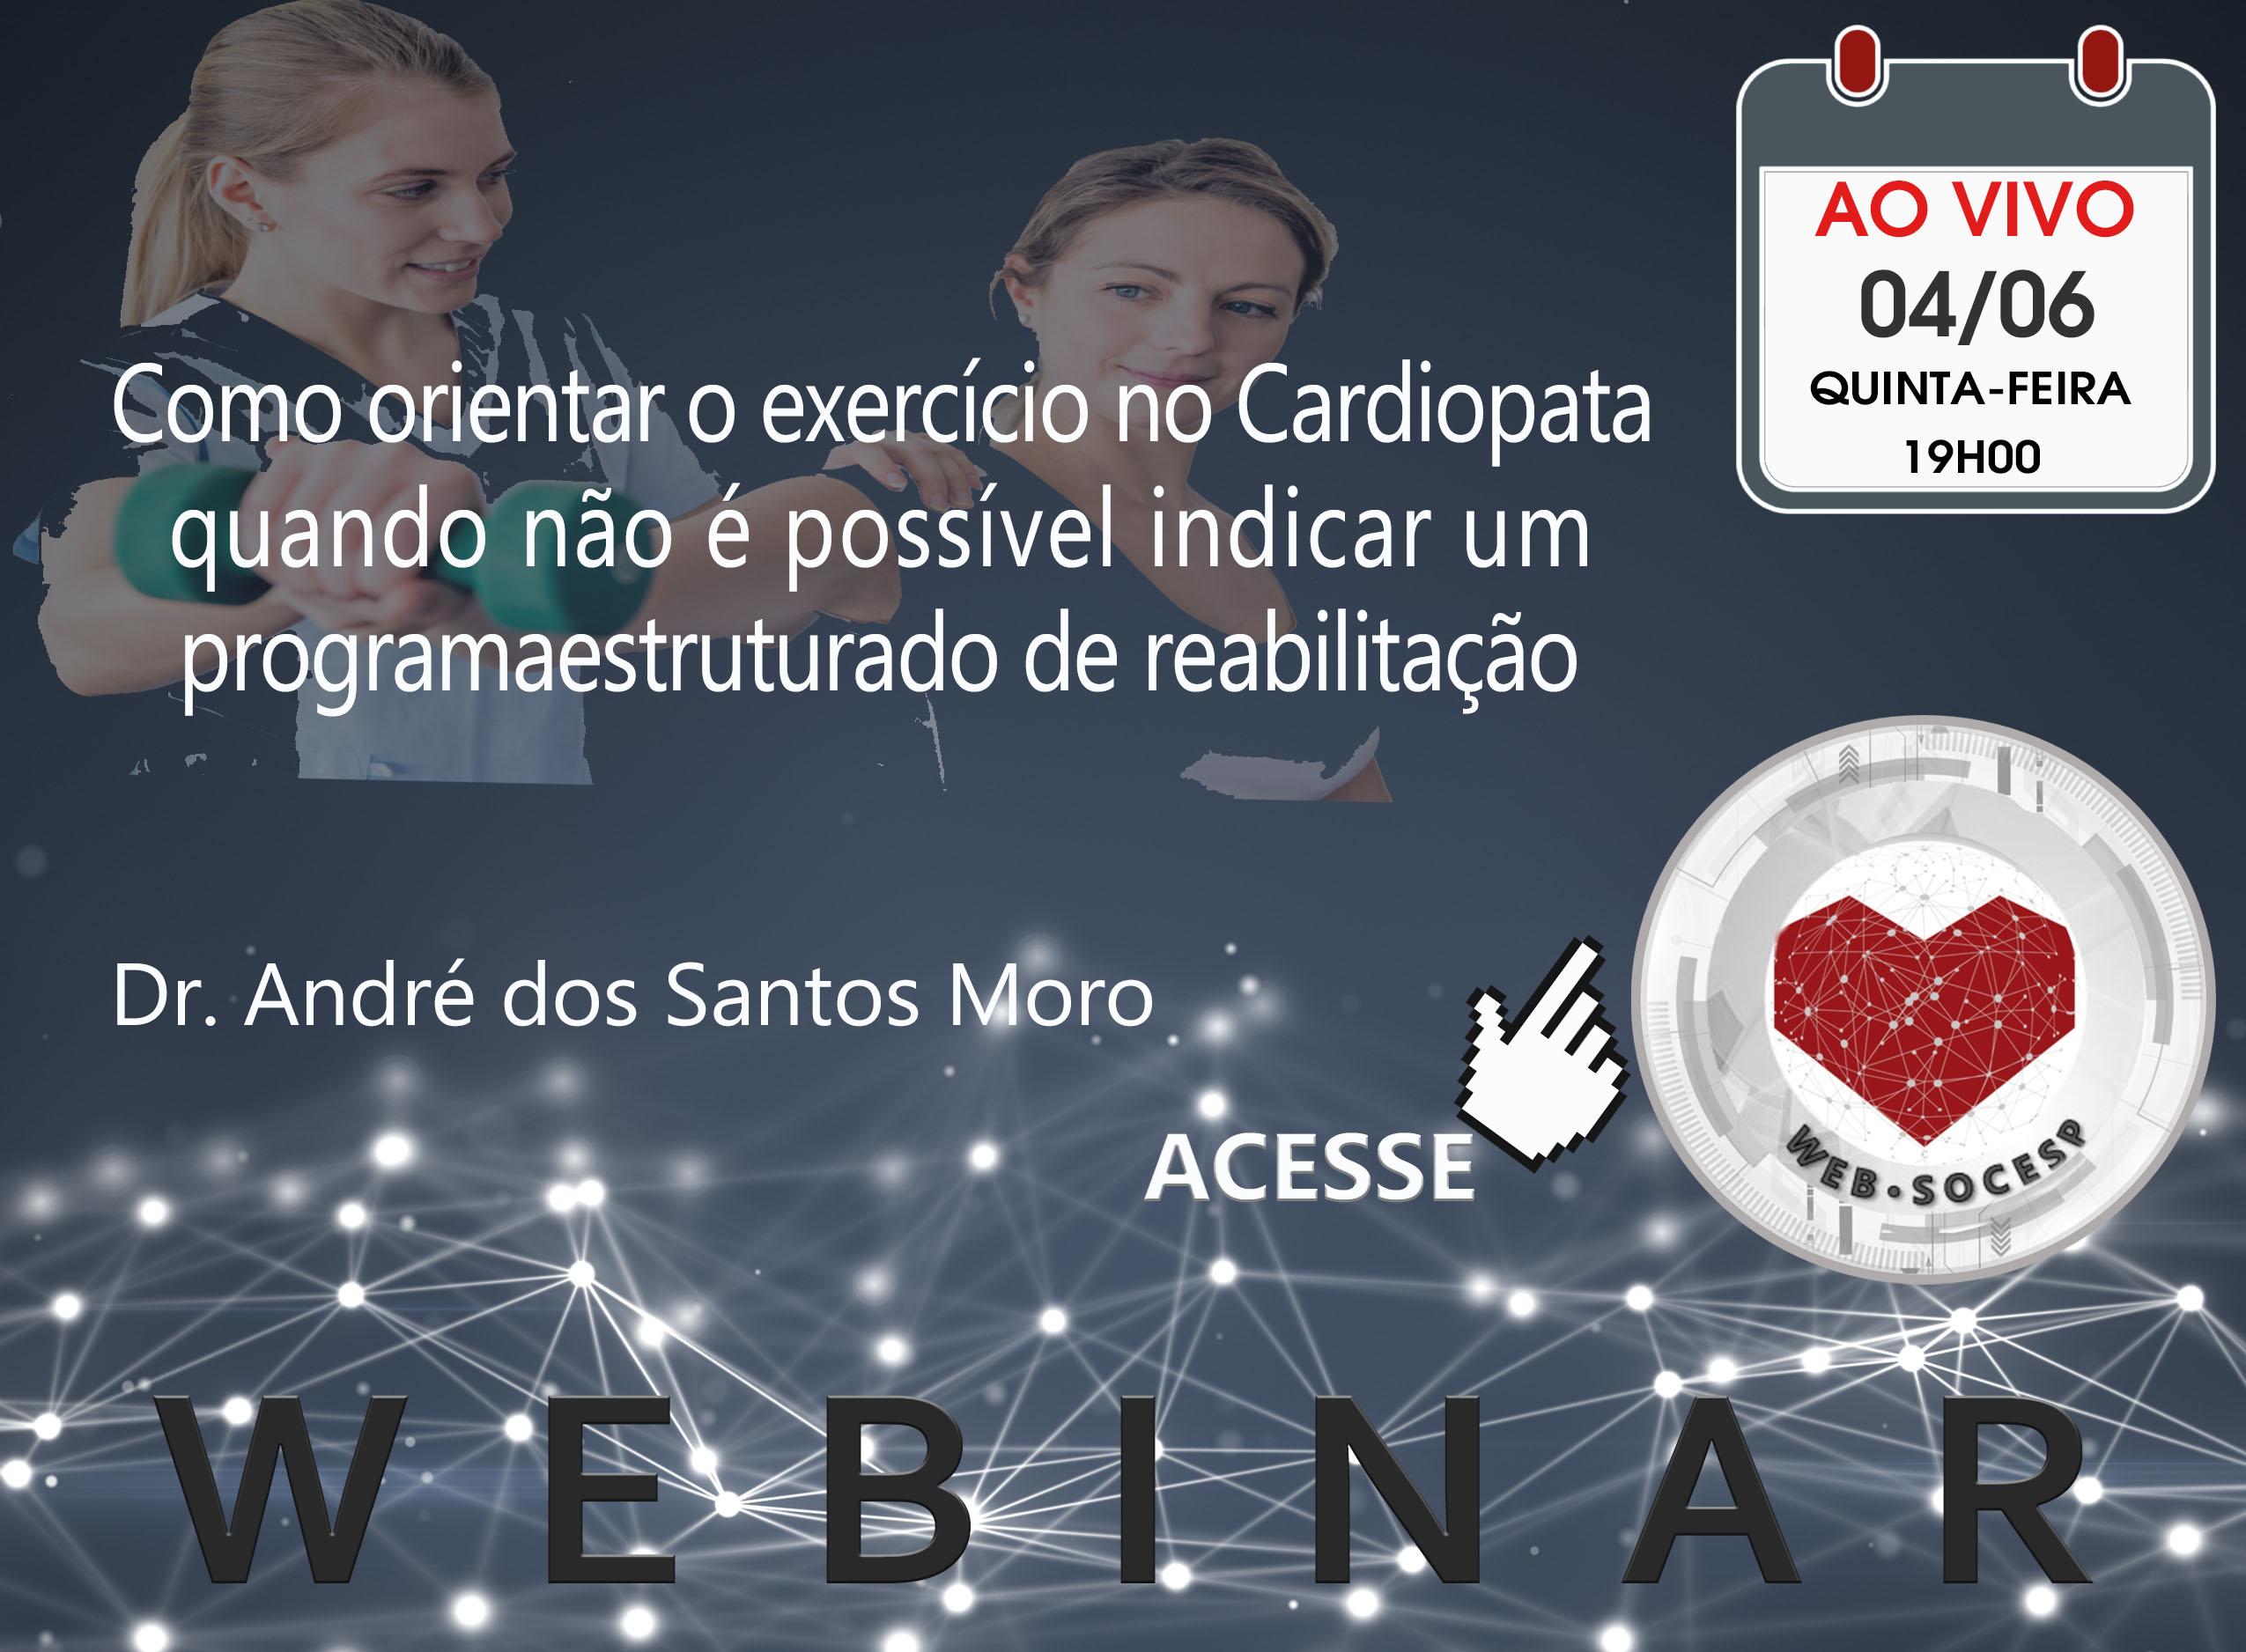 Imagem Araraquara - Como orientar o exercício no Cardiopata quando não é possível indicar um programa estruturado de reabilitação - Dr. André dos Santos Moro